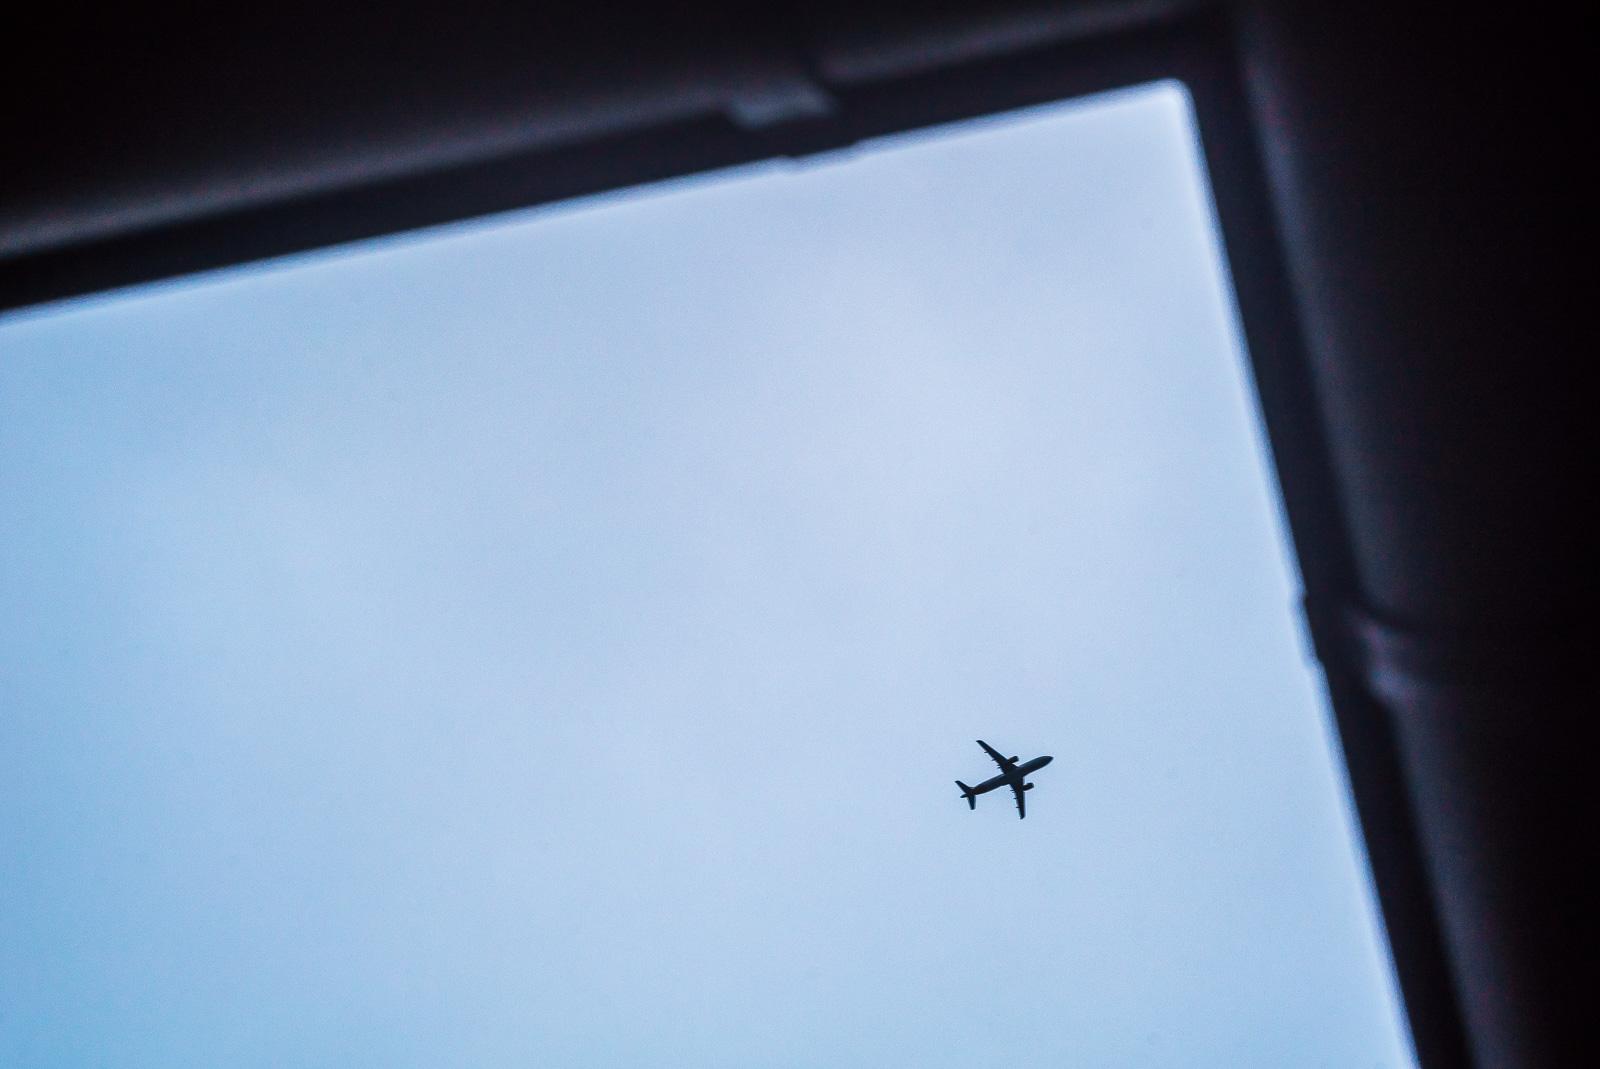 fliegendes Flugzeug von unten, von Dachrinne eingerahmt